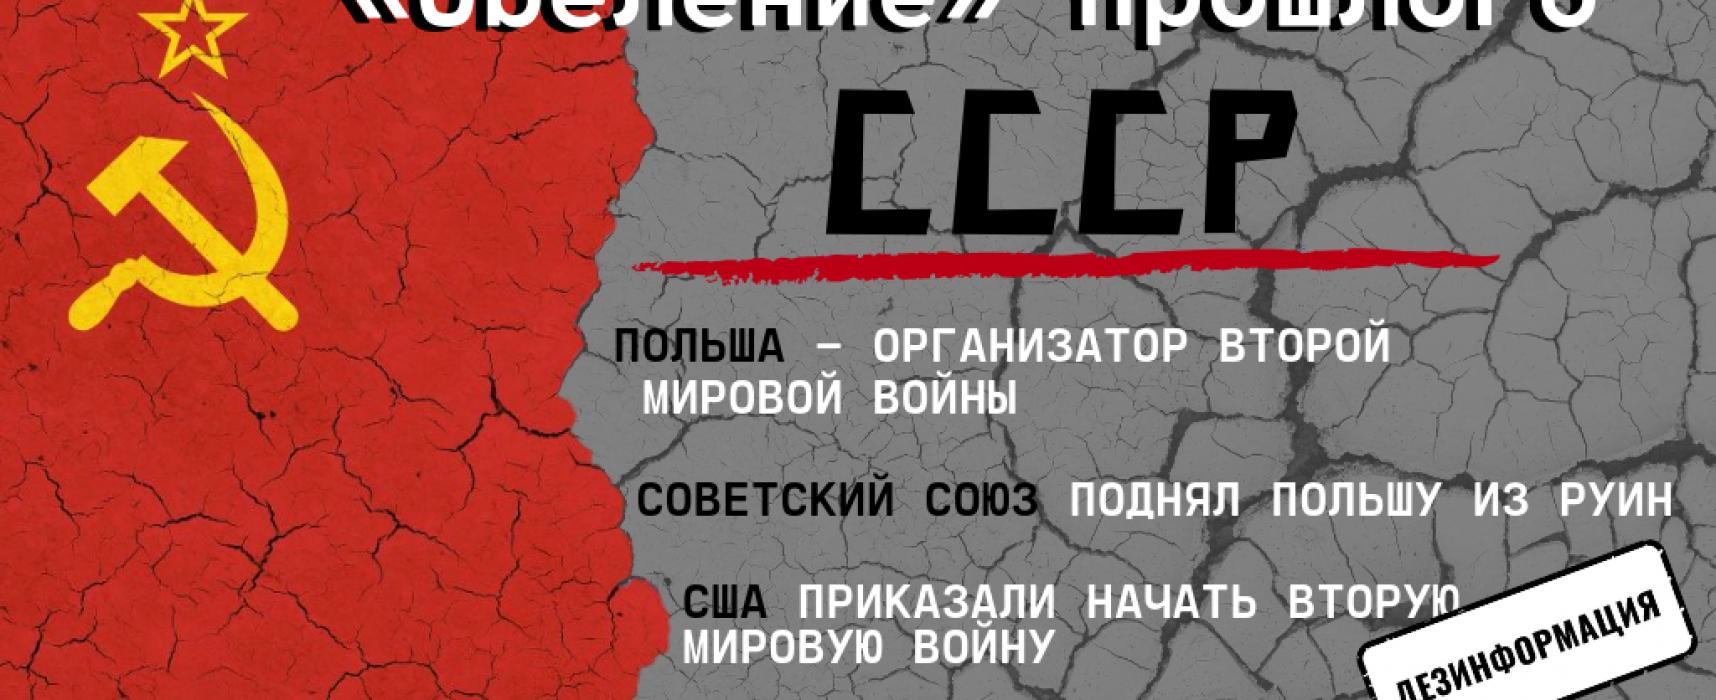 Кремль «обнаружил», что Польша начала Вторую мировую войну